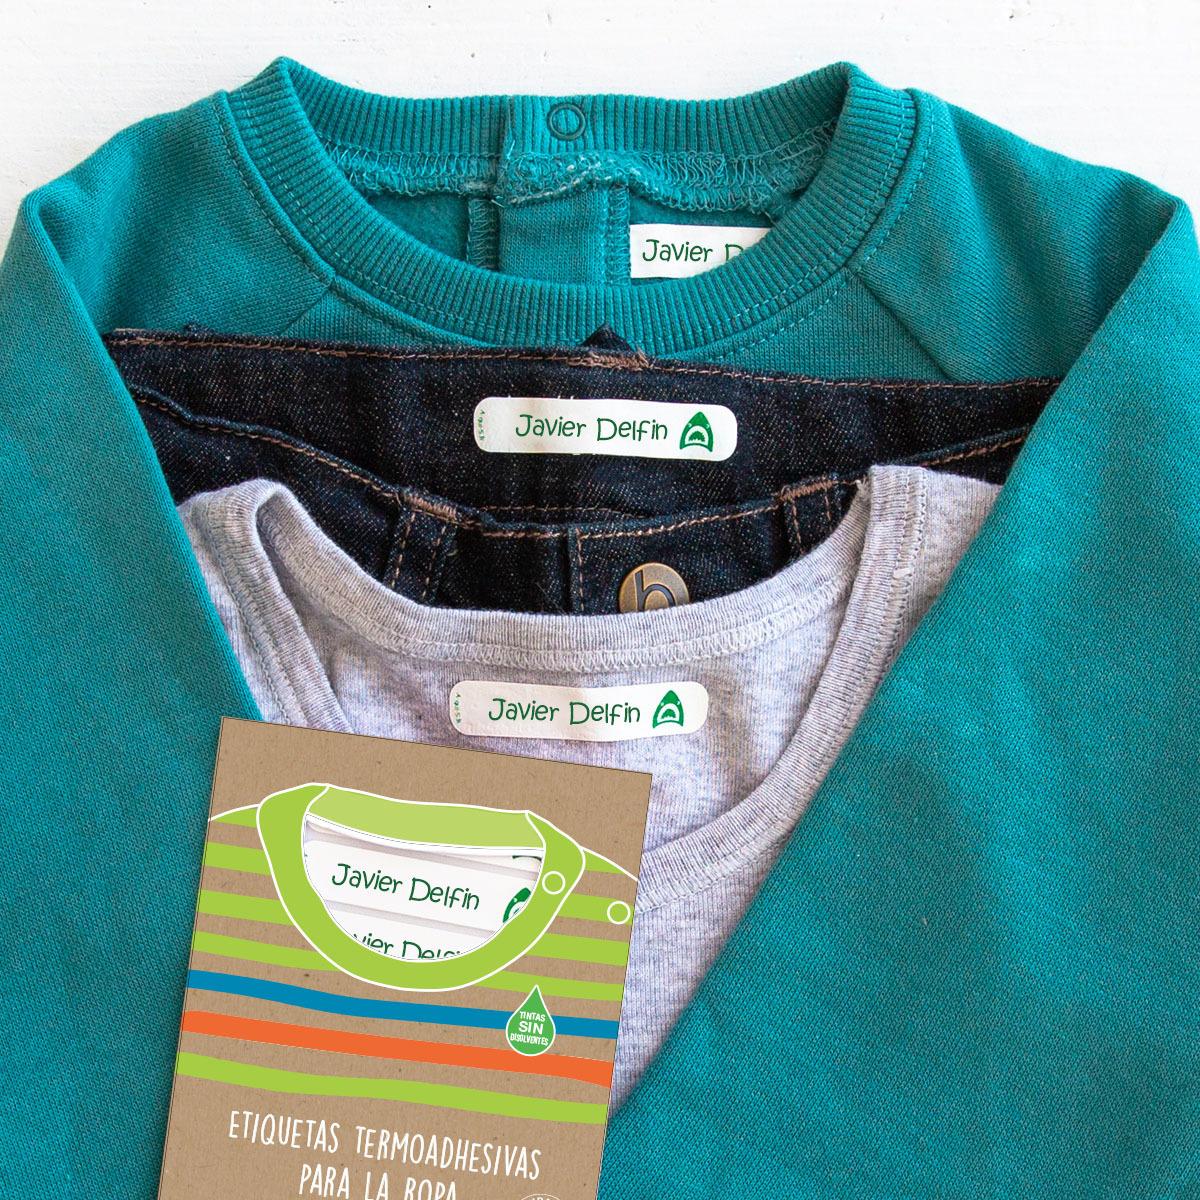 Etiquetas termoadhesivas: marca tu ropa fácilmente